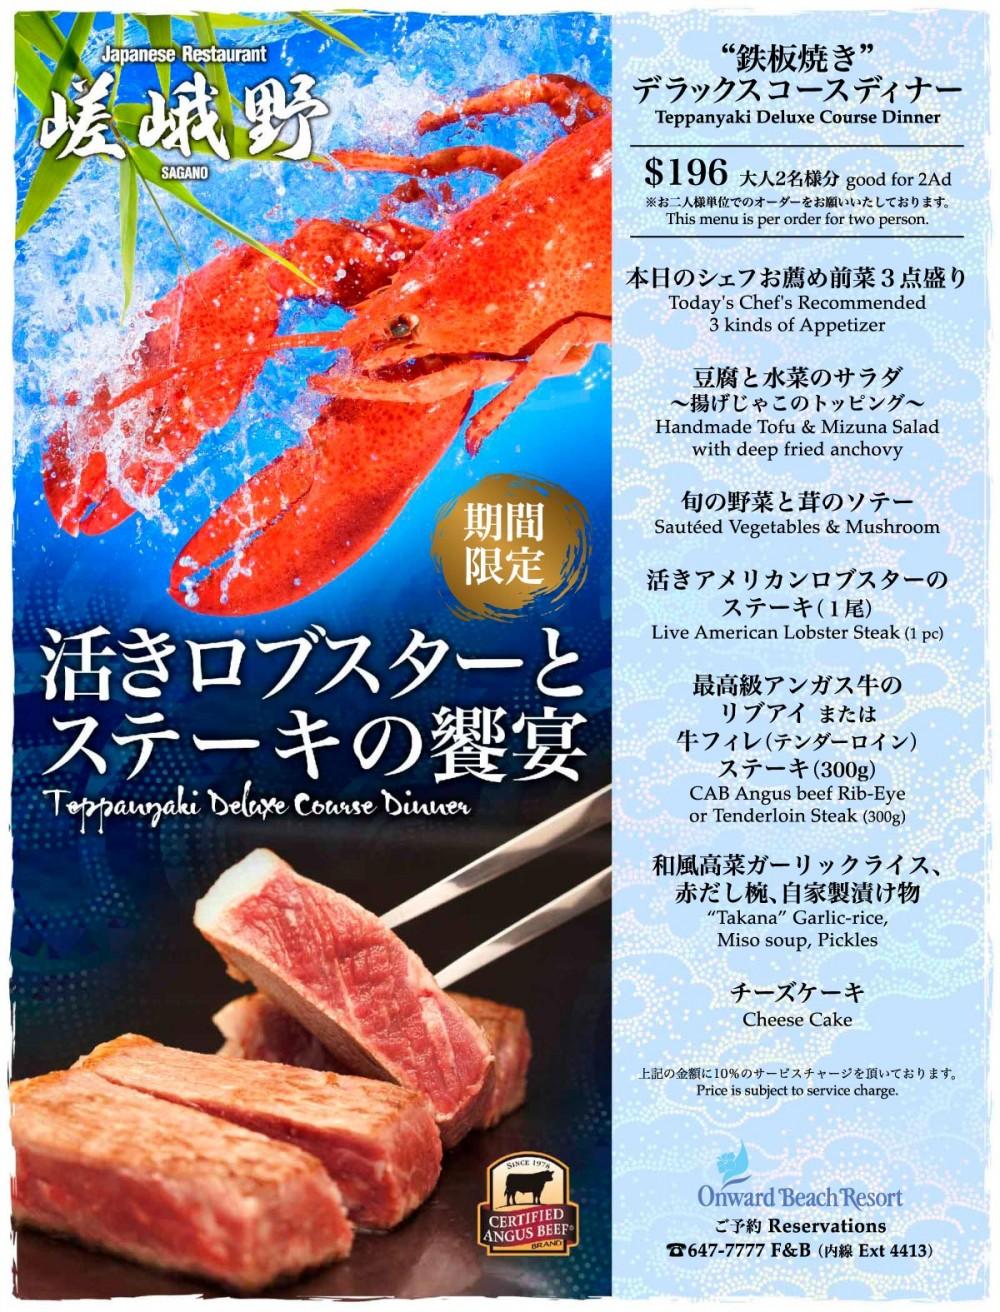 鉄板焼きデラックスコースディナー (嵯峨野の2014年夏限定ディナー)